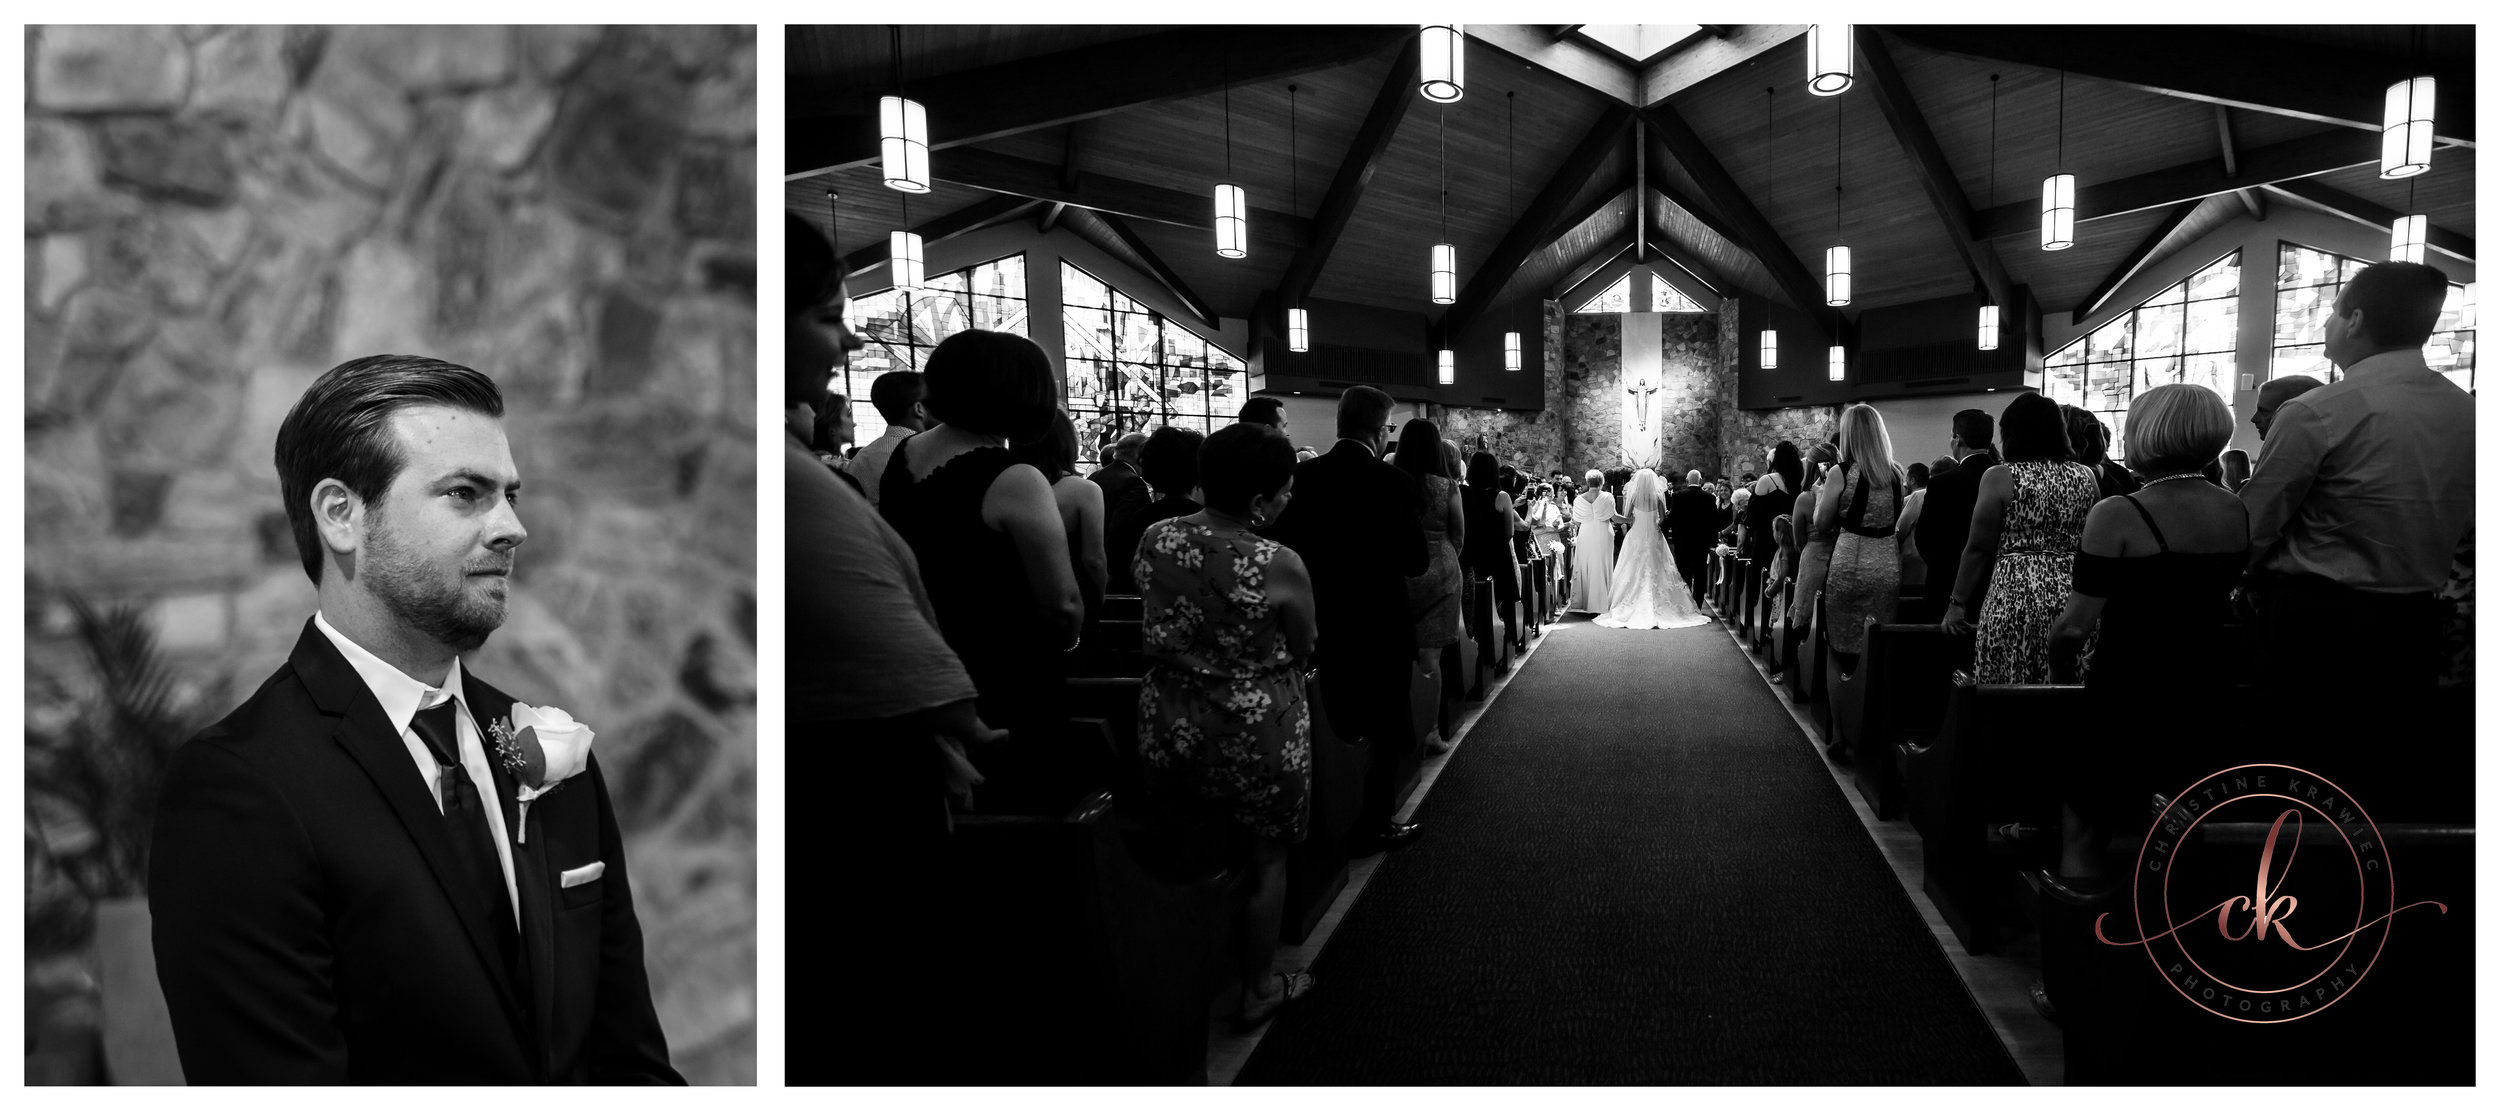 19 grooms_seeing_bride_aisle.jpg